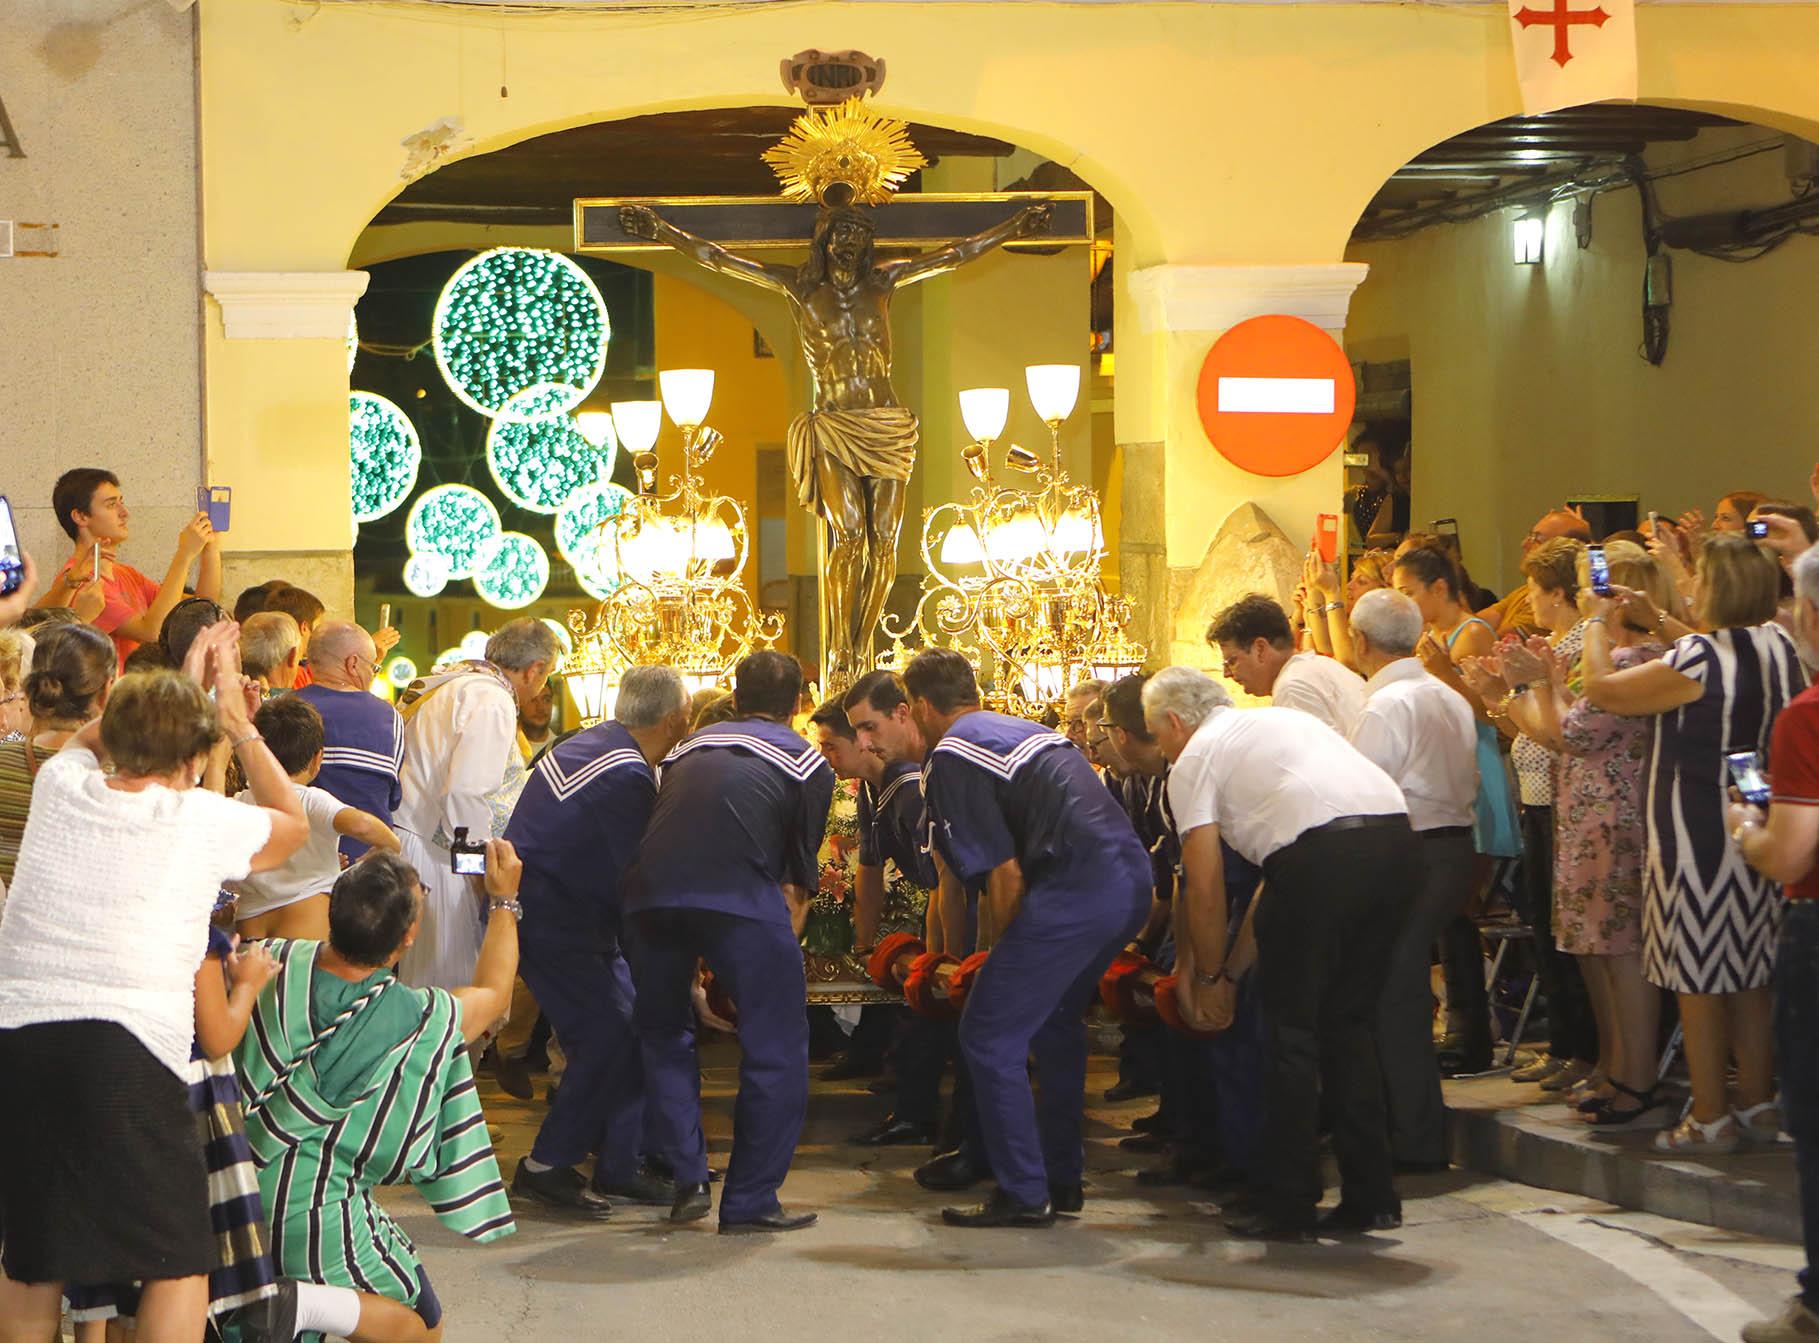 Les Ambaixades i la Baixada del Crist ja són Béns d'Interés Cultural El Periòdic d'Ontinyent